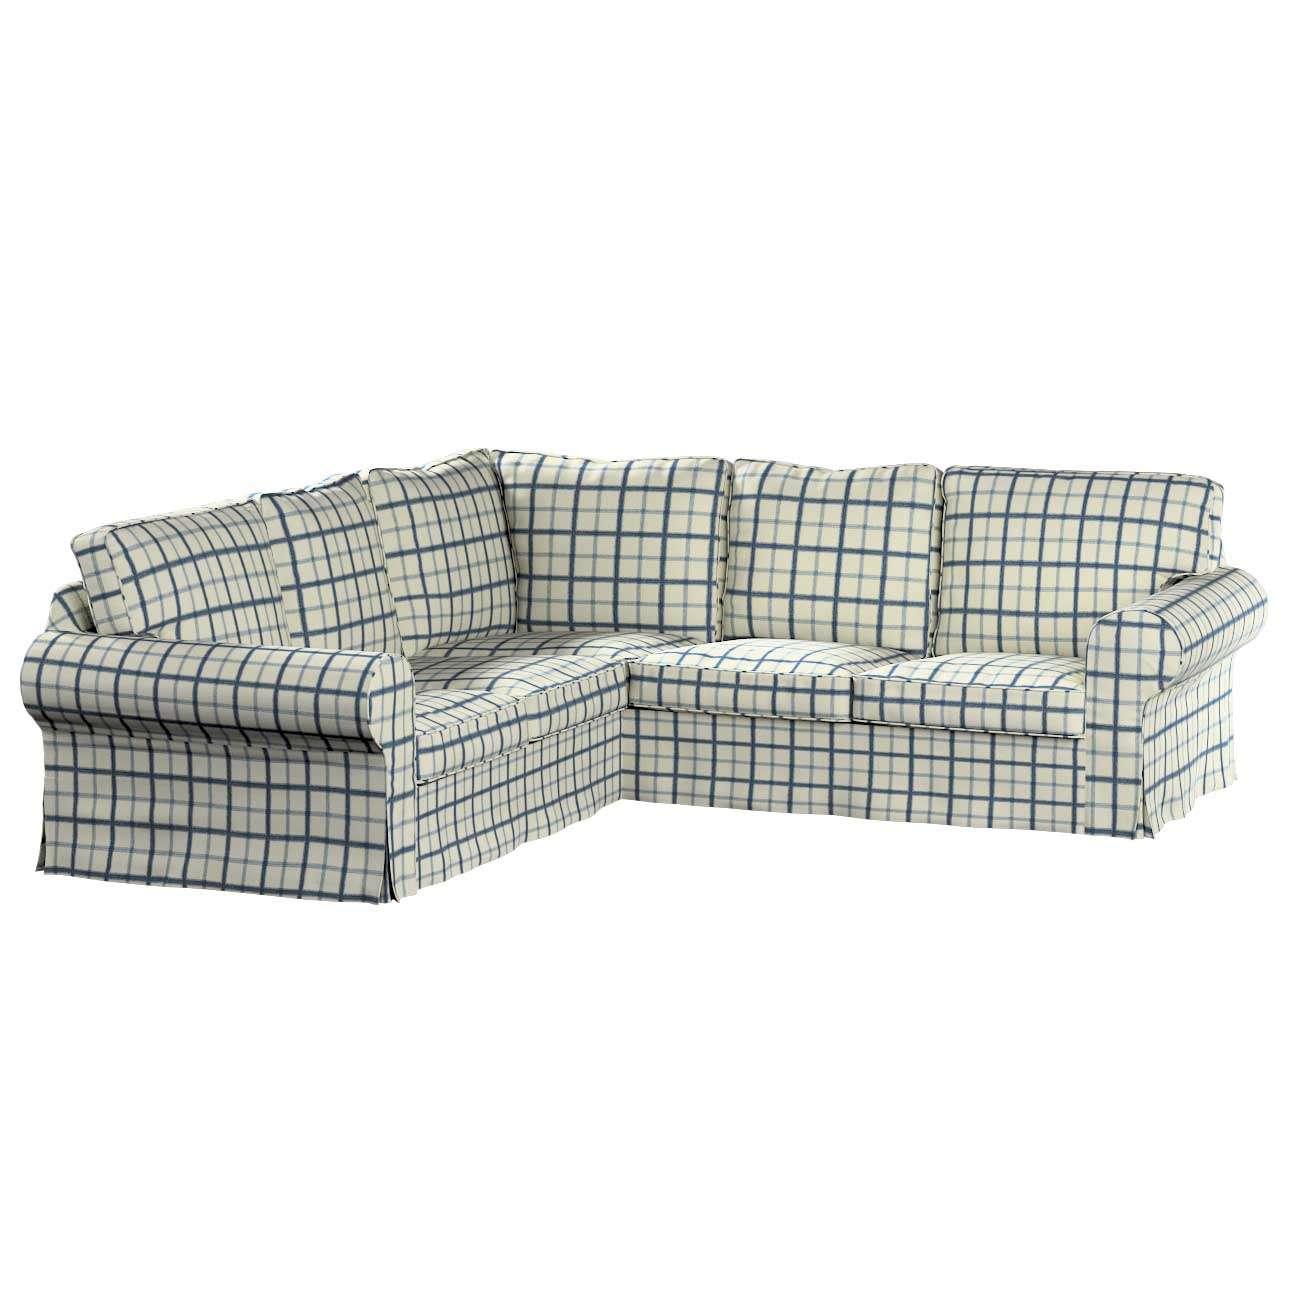 Pokrowiec Ektorp na sofę w kolekcji Avinon, tkanina: 131-66